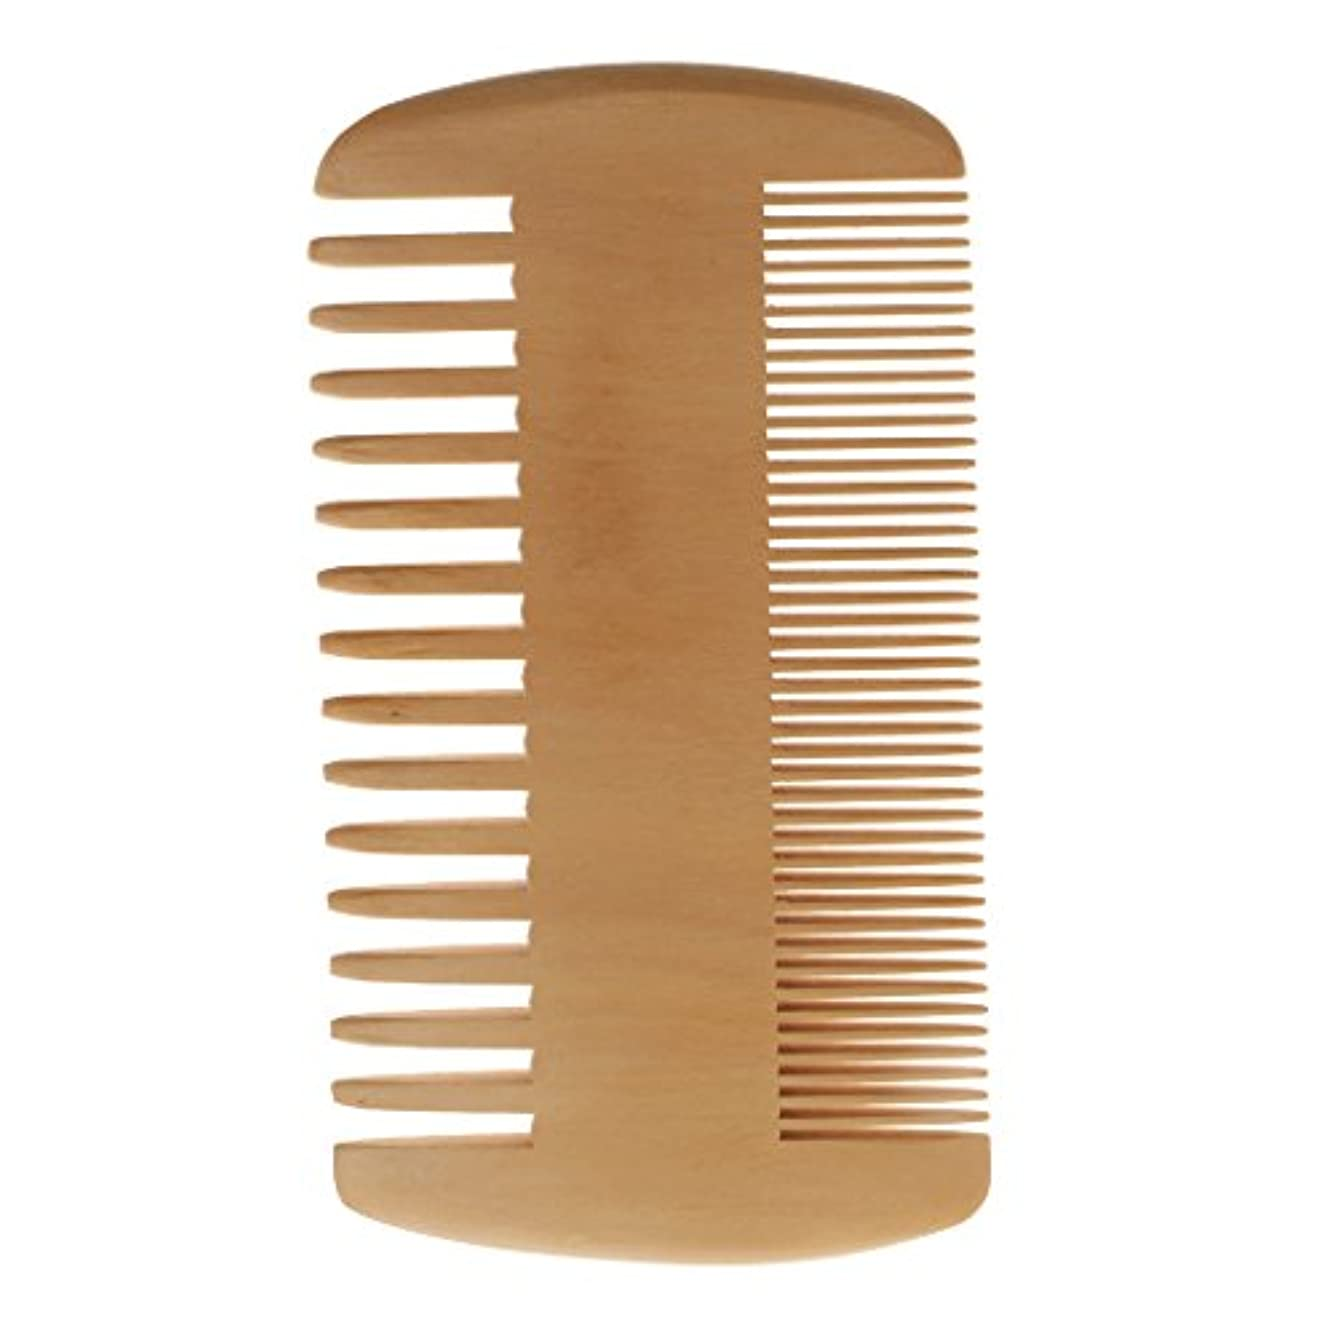 信号手織るSM SunniMix ポケットコーム 木製コーム 木製櫛 ヘアダイコーム ヘアブラシ 2倍 密度 歯 携帯 便利